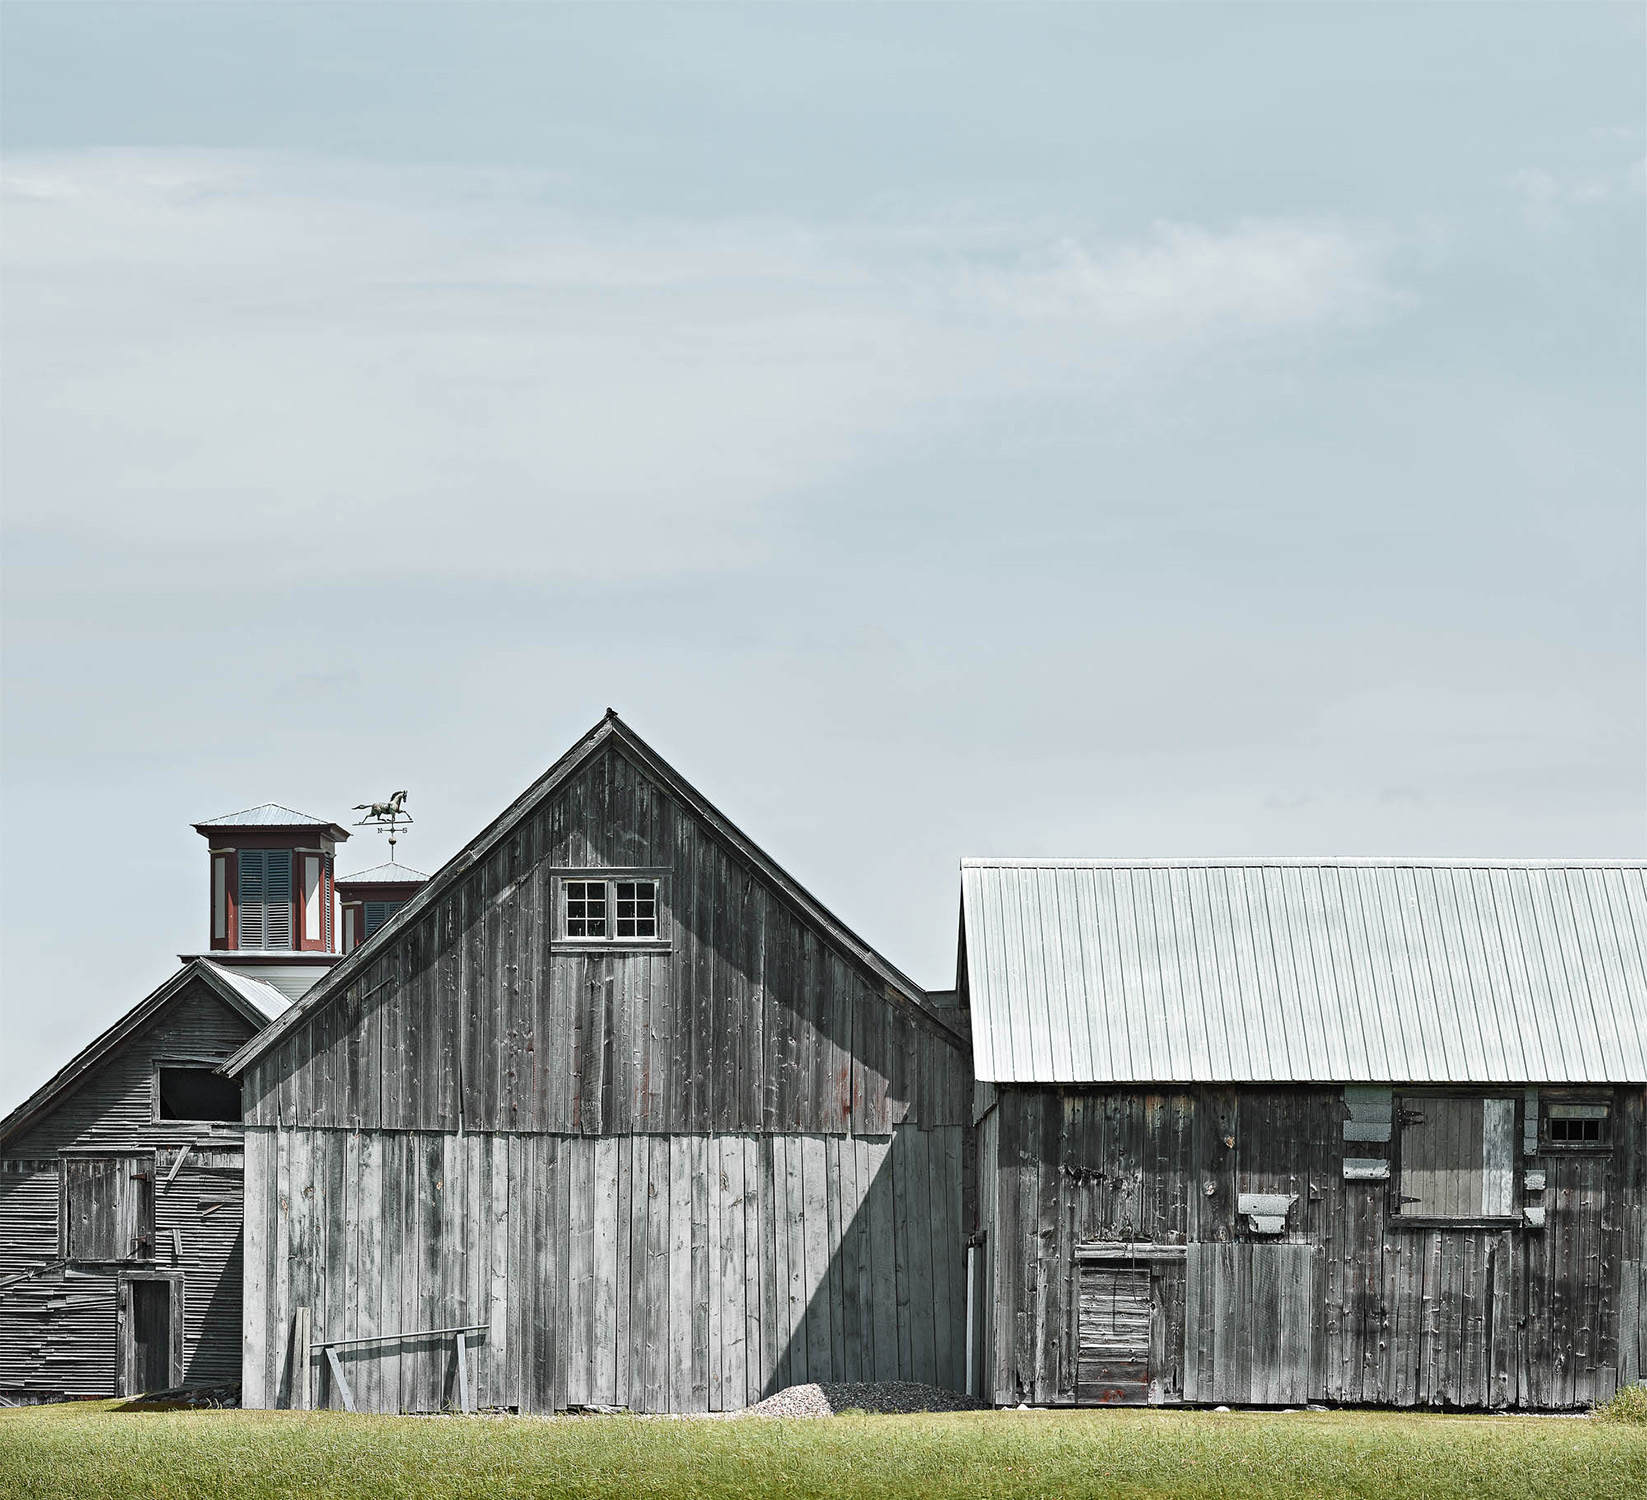 Glen Dale Farm